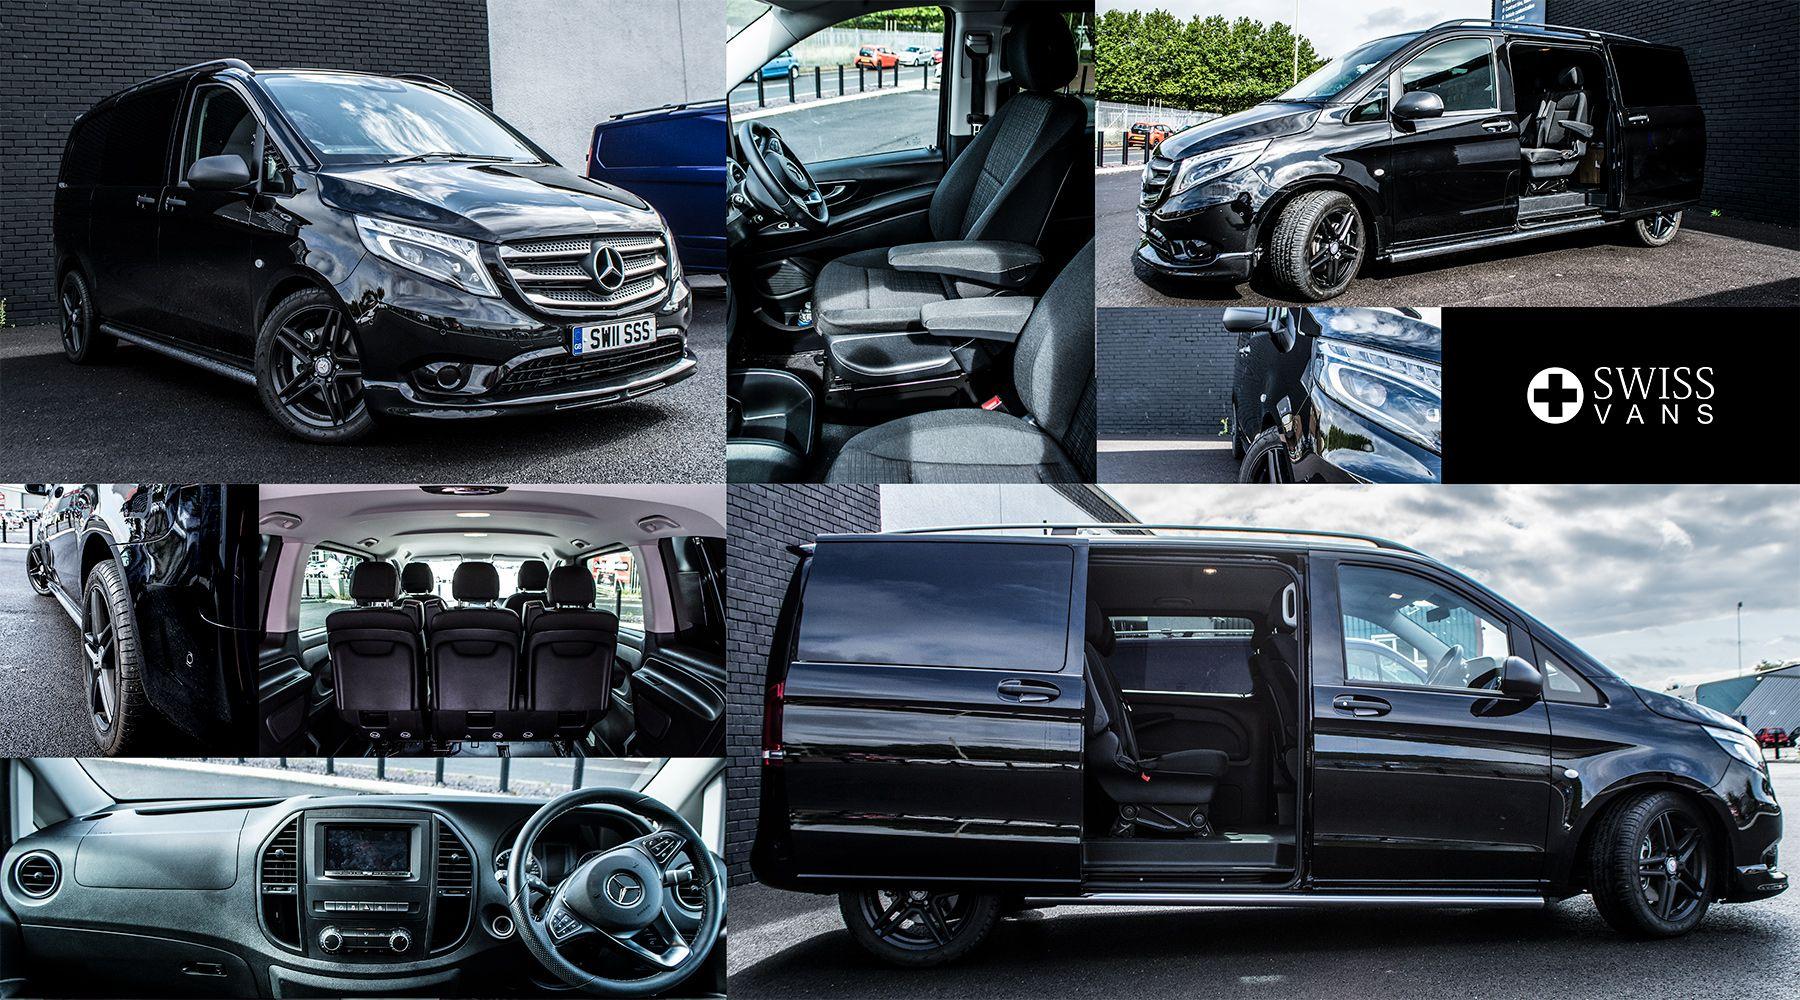 Swiss Vans Vans Mercedes Van Cool Vans